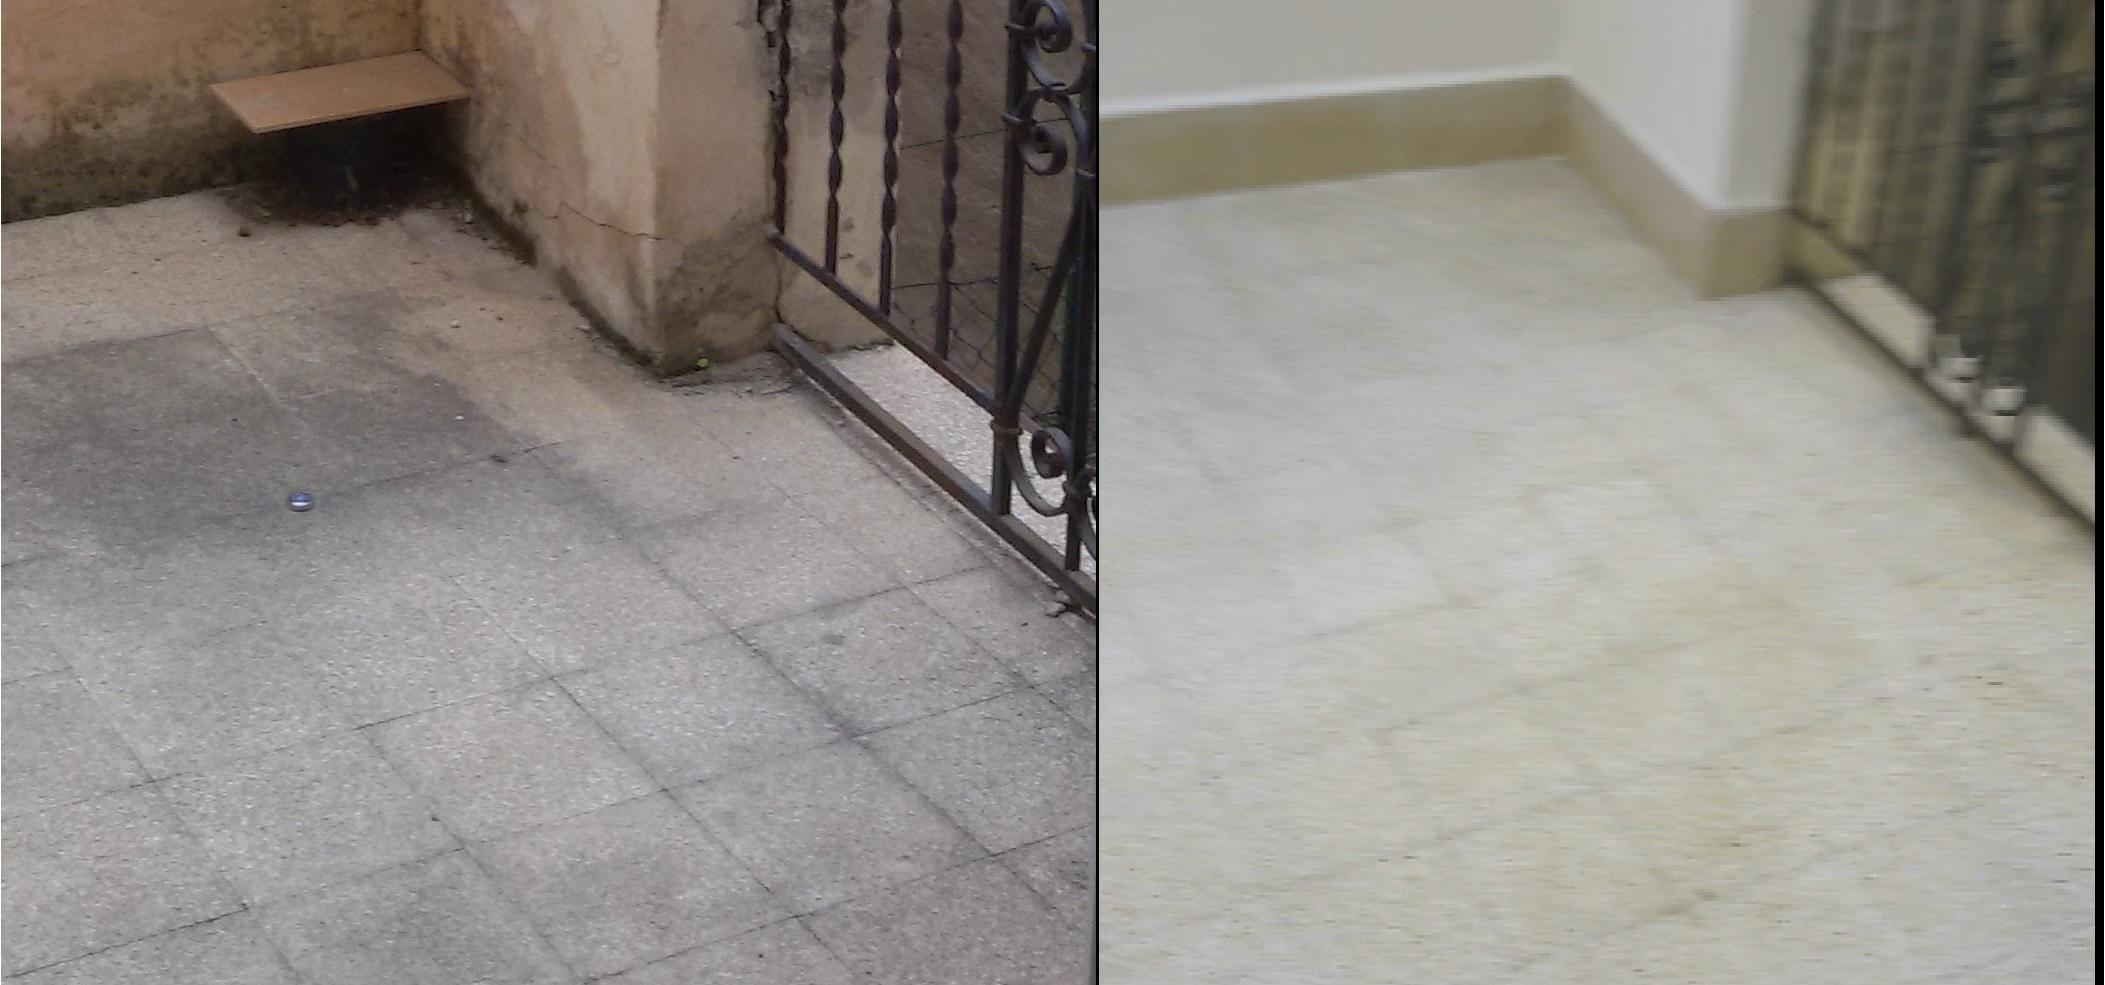 Togliere Le Piastrelle Dal Pavimento come togliere le macchie di ruggine dal pavimento